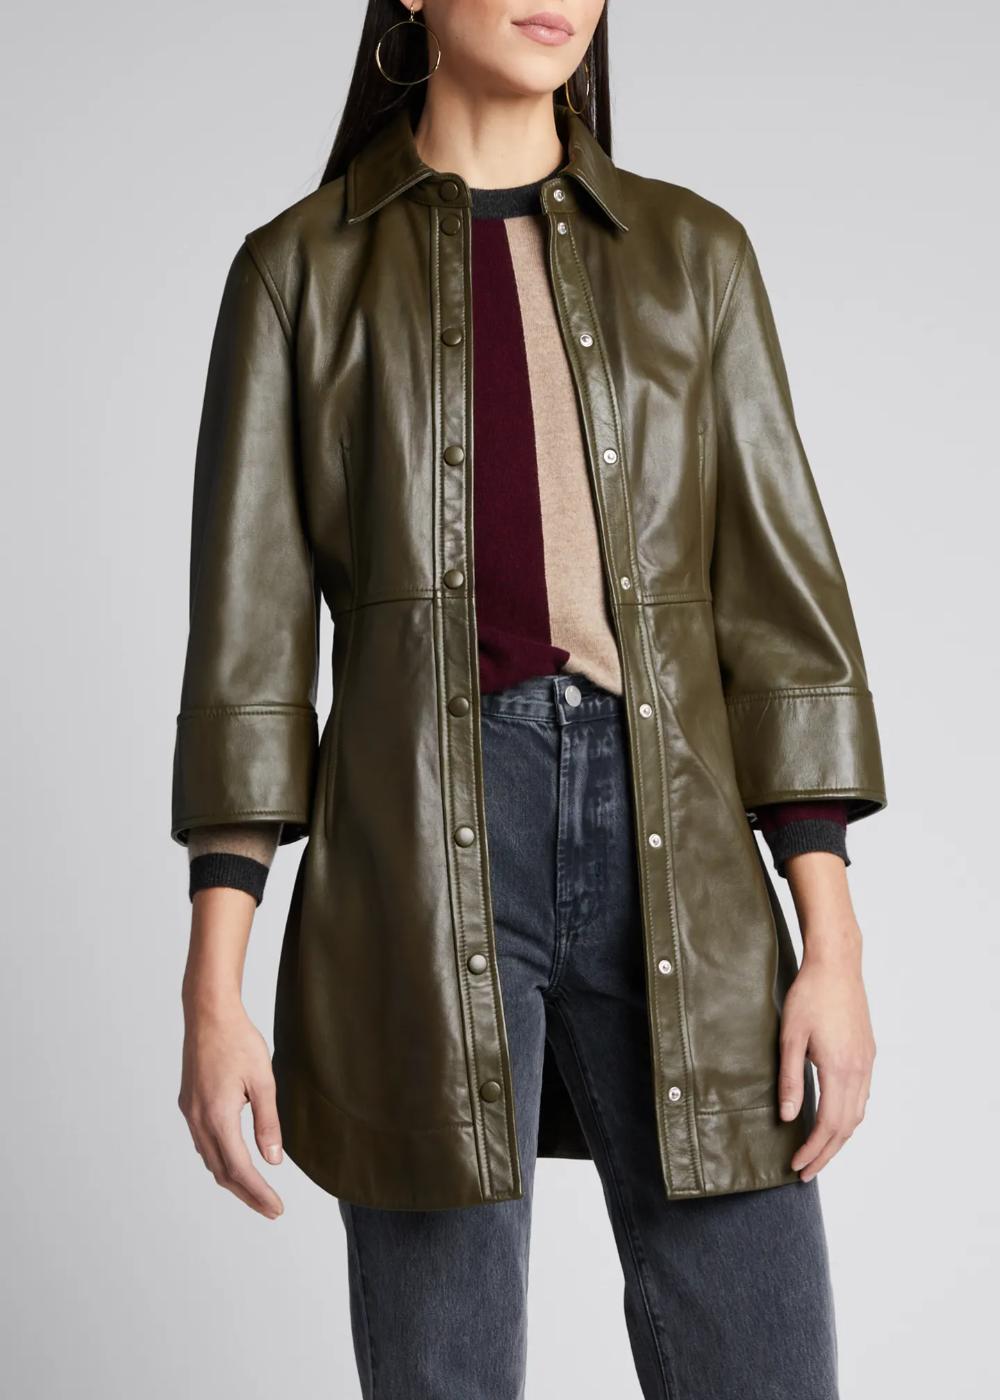 Ganni Lamb Leather Snap Front Dress Shirt Tail Hem Ganni Dress Tops Designs [ 1400 x 1000 Pixel ]